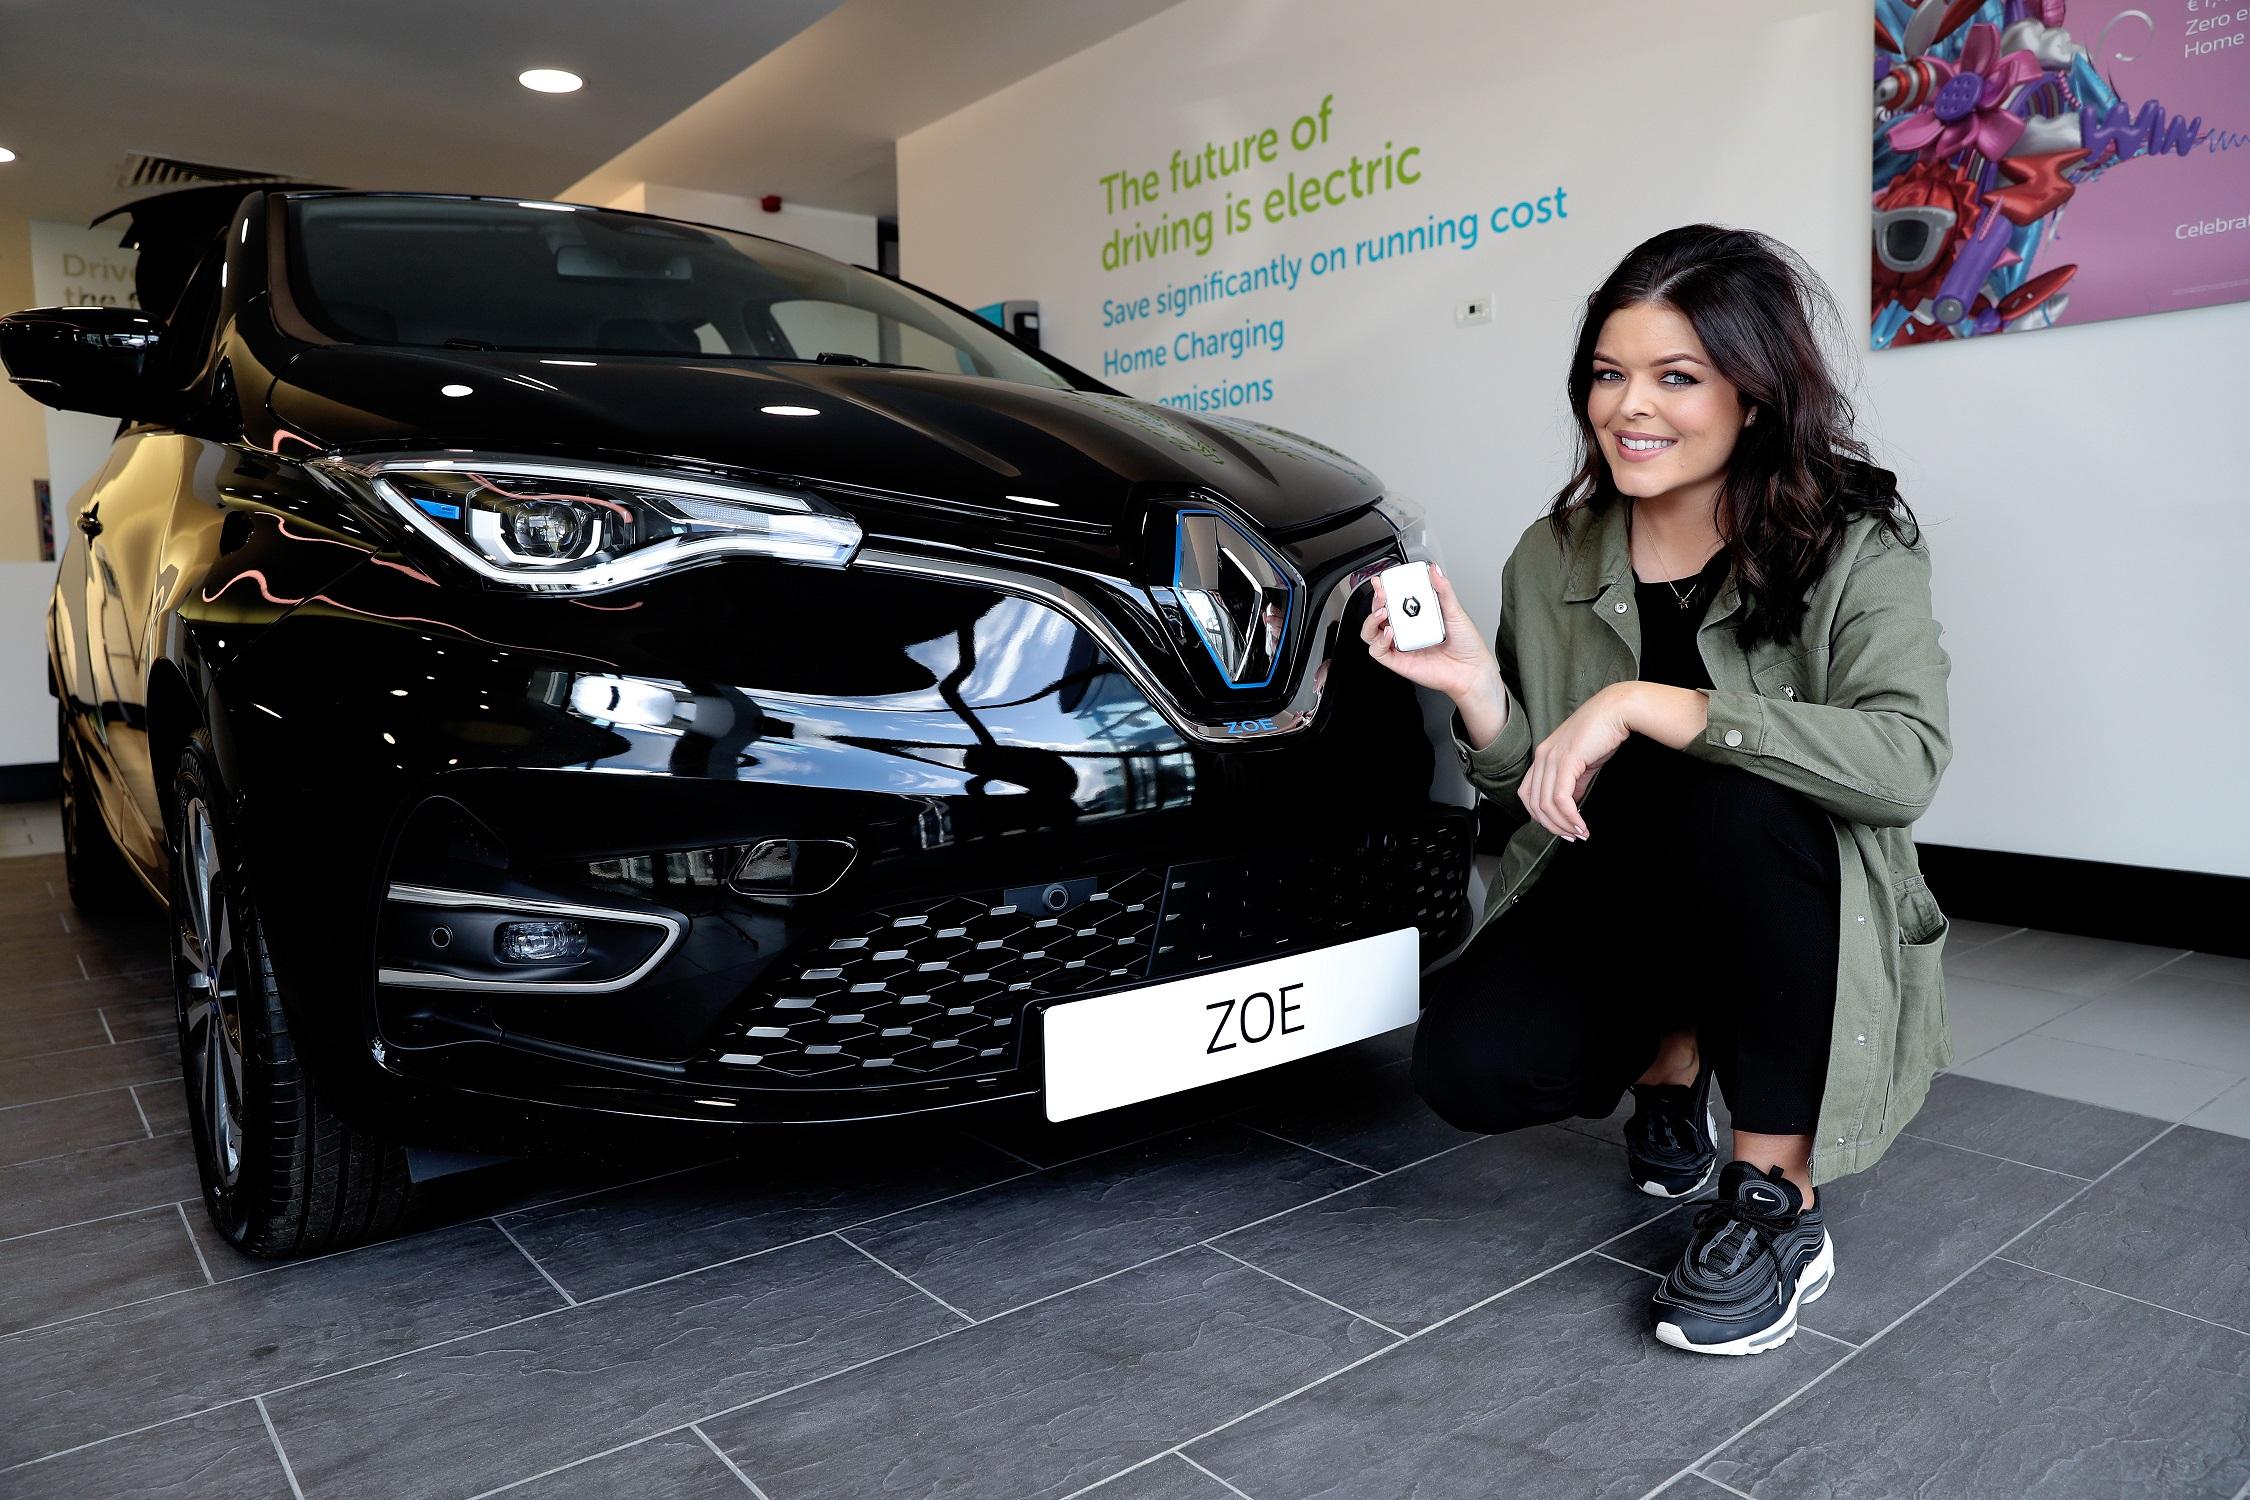 New Renault Zoe arrives in Ireland